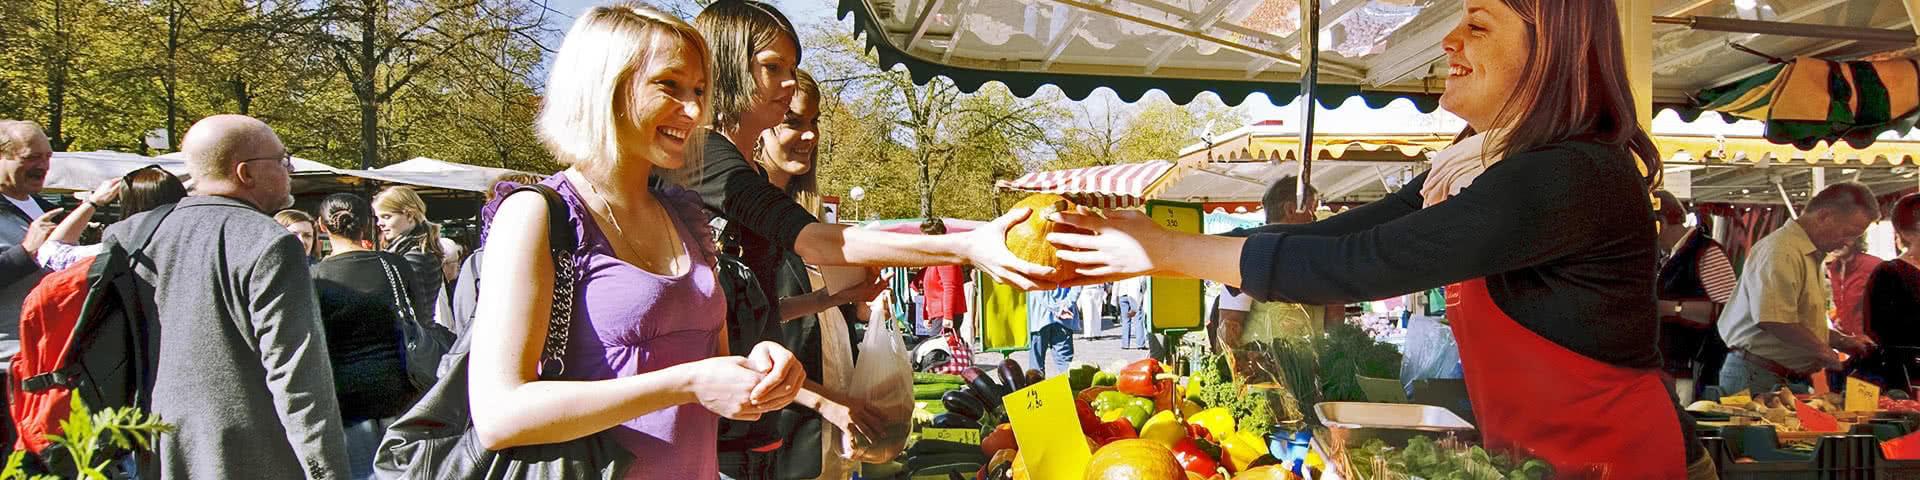 Einkaufen auf dem Wochenmarkt in Münster